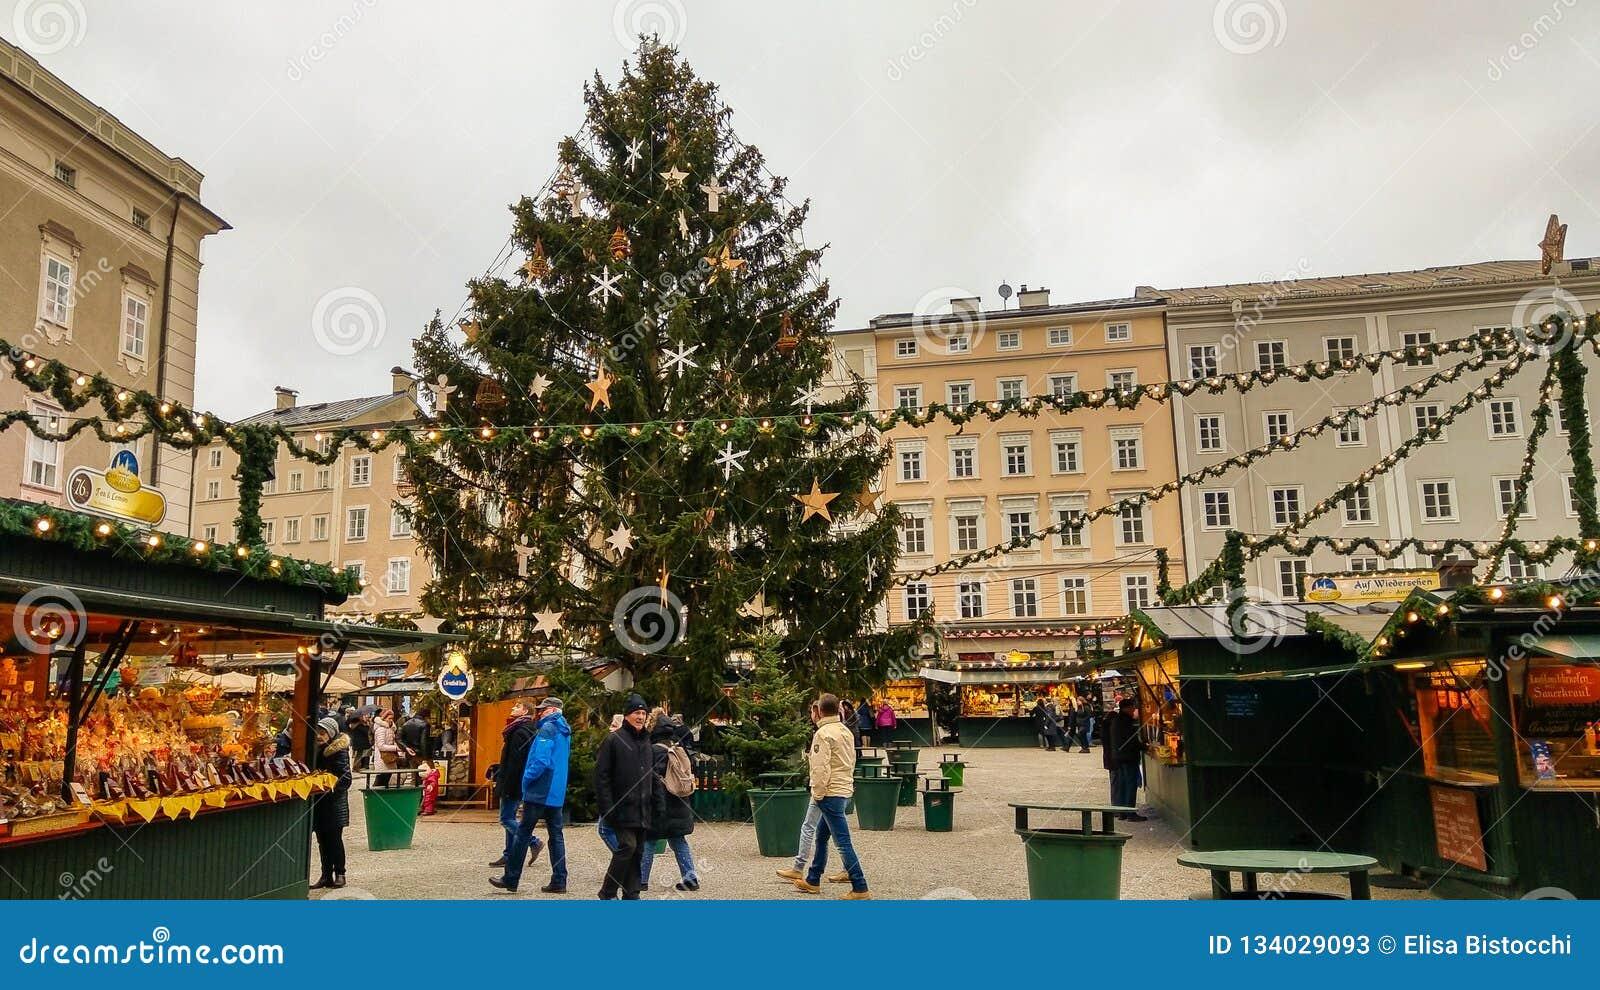 Großer Weihnachtsbaum und christkindlmarkt im Residenzplatz von Salzburg, Österreich